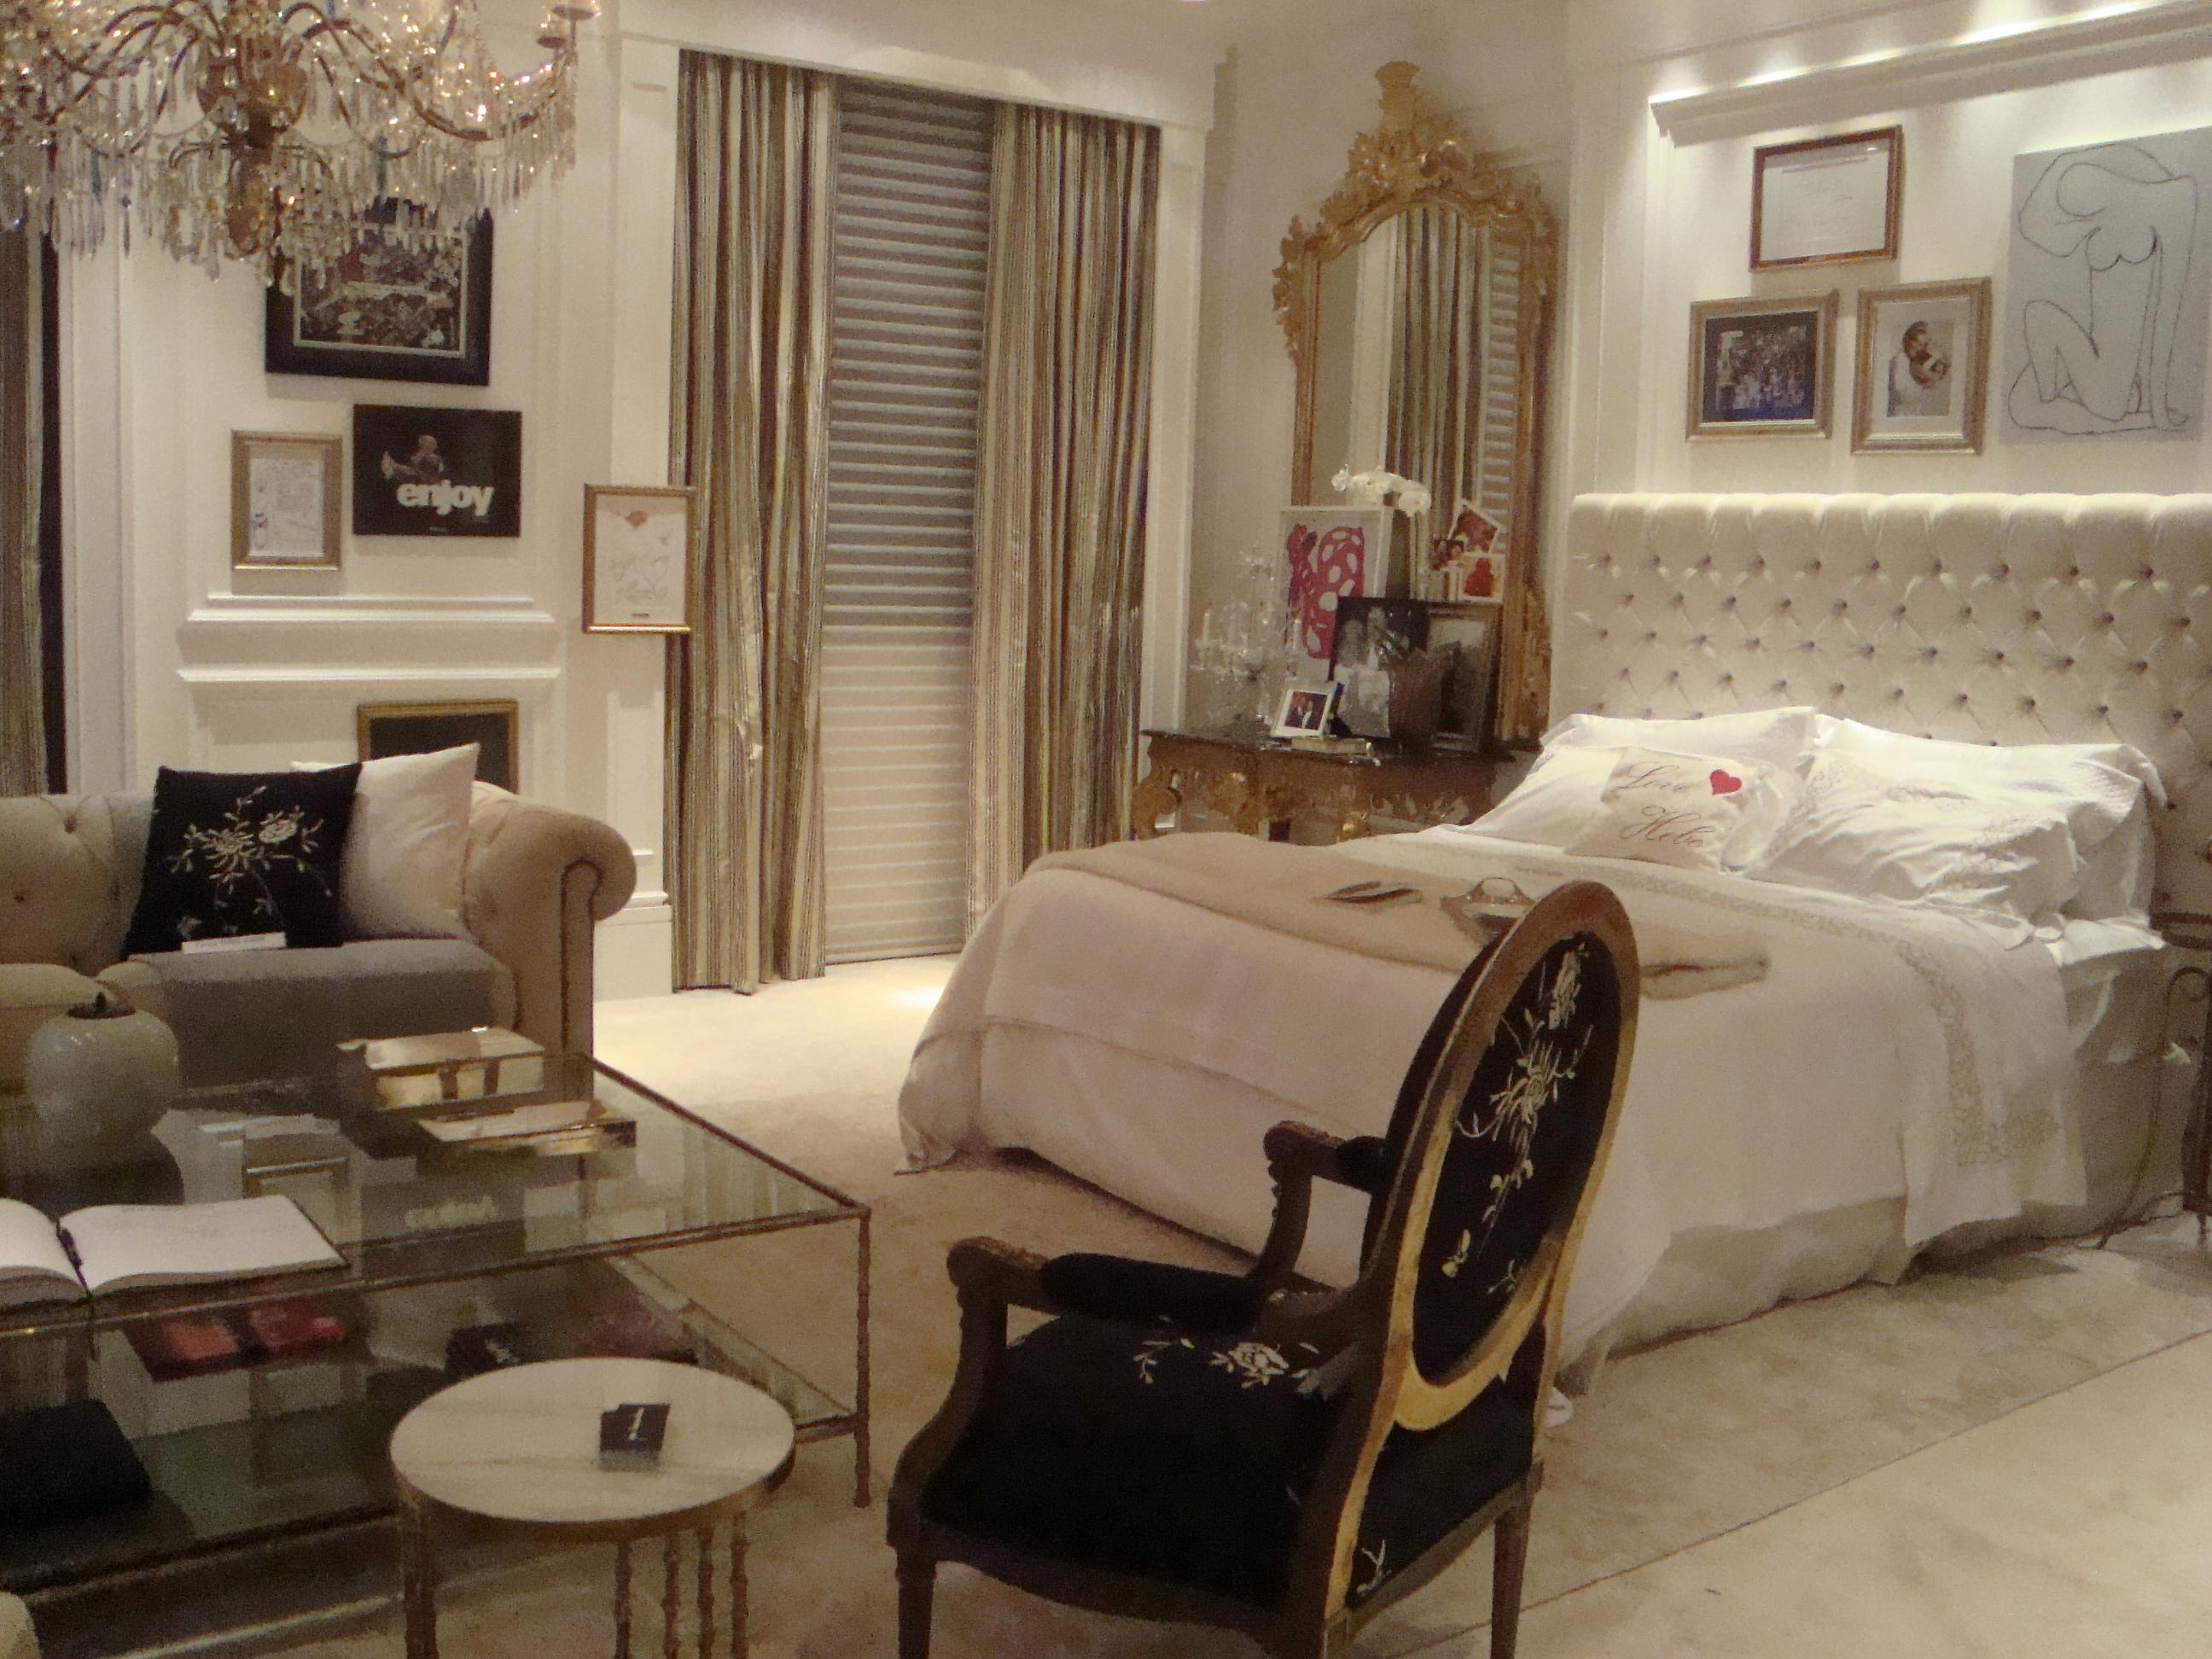 #94373C Para decorar a casa tenha em mente que é sempre bom evitar exageros  2592x1944 px piso banheiro idoso